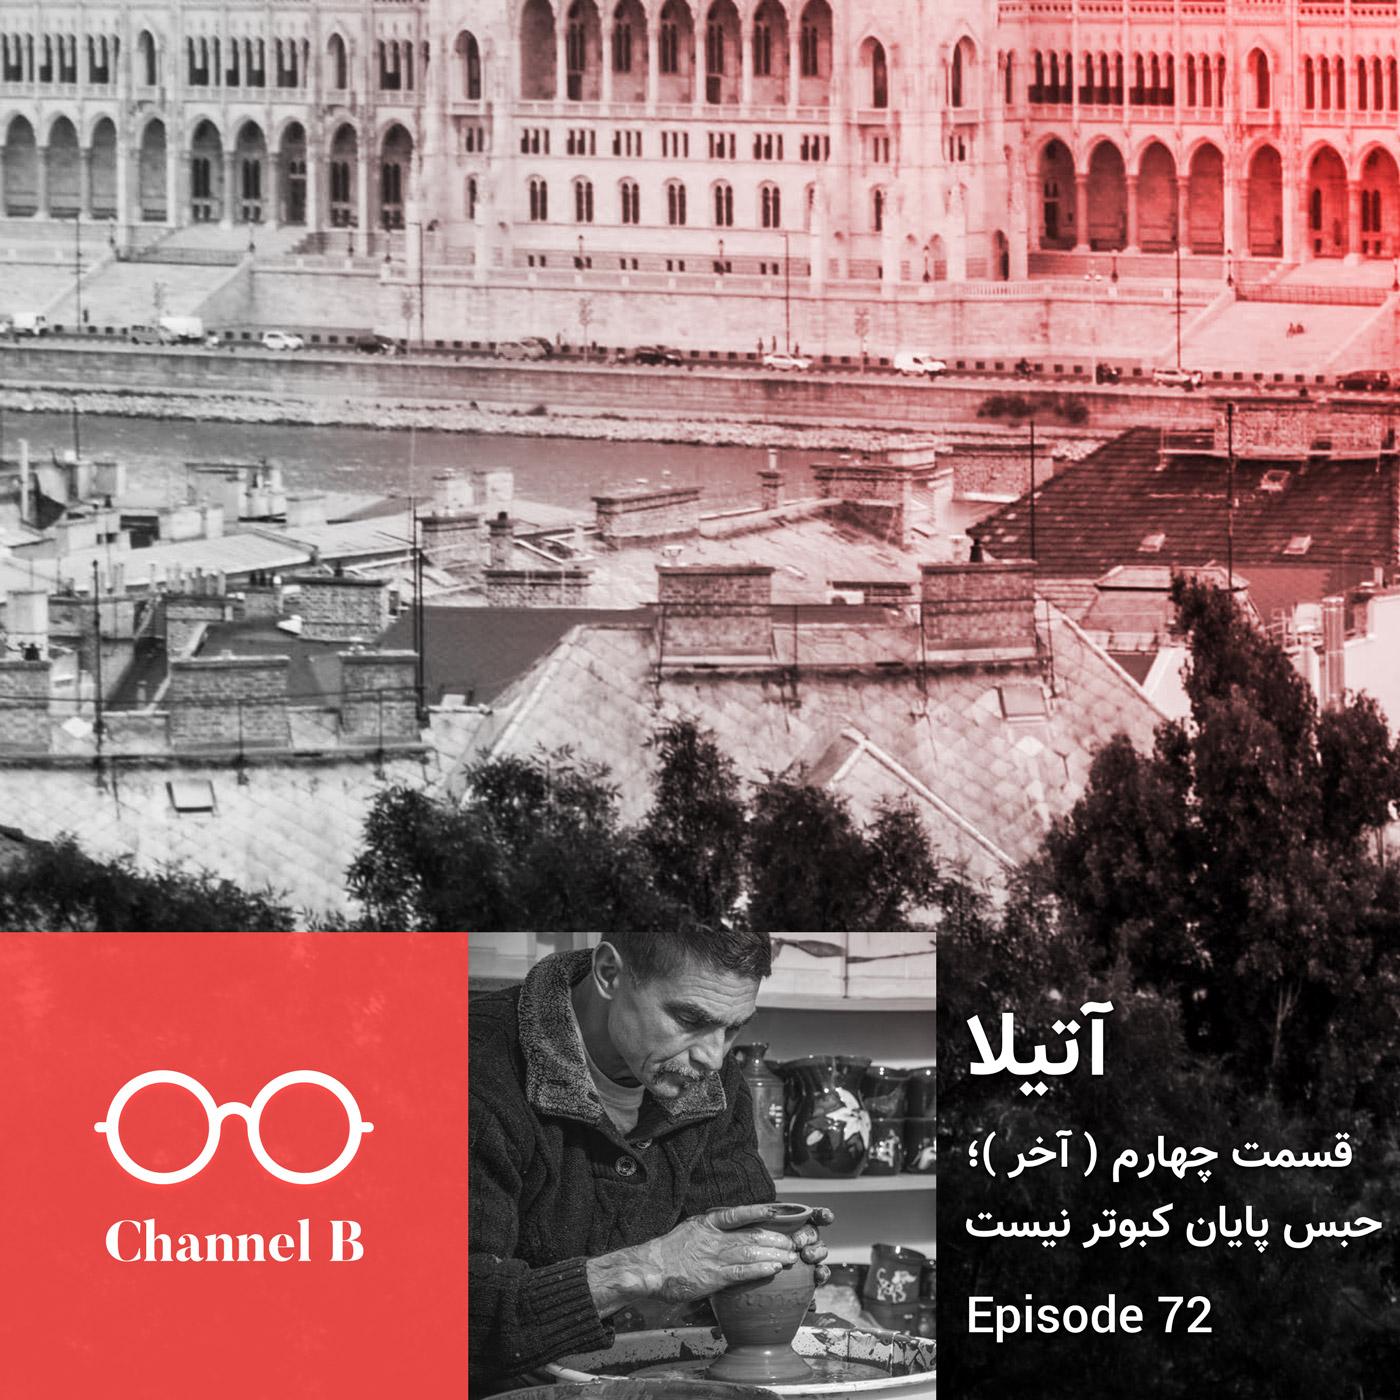 هفتاد و دو –  سریال آتیلا قسمت چهارم (آخر)؛ حبس پایان کبوتر نیستزمان تقریبی مطالعه: ۱ دقیقه